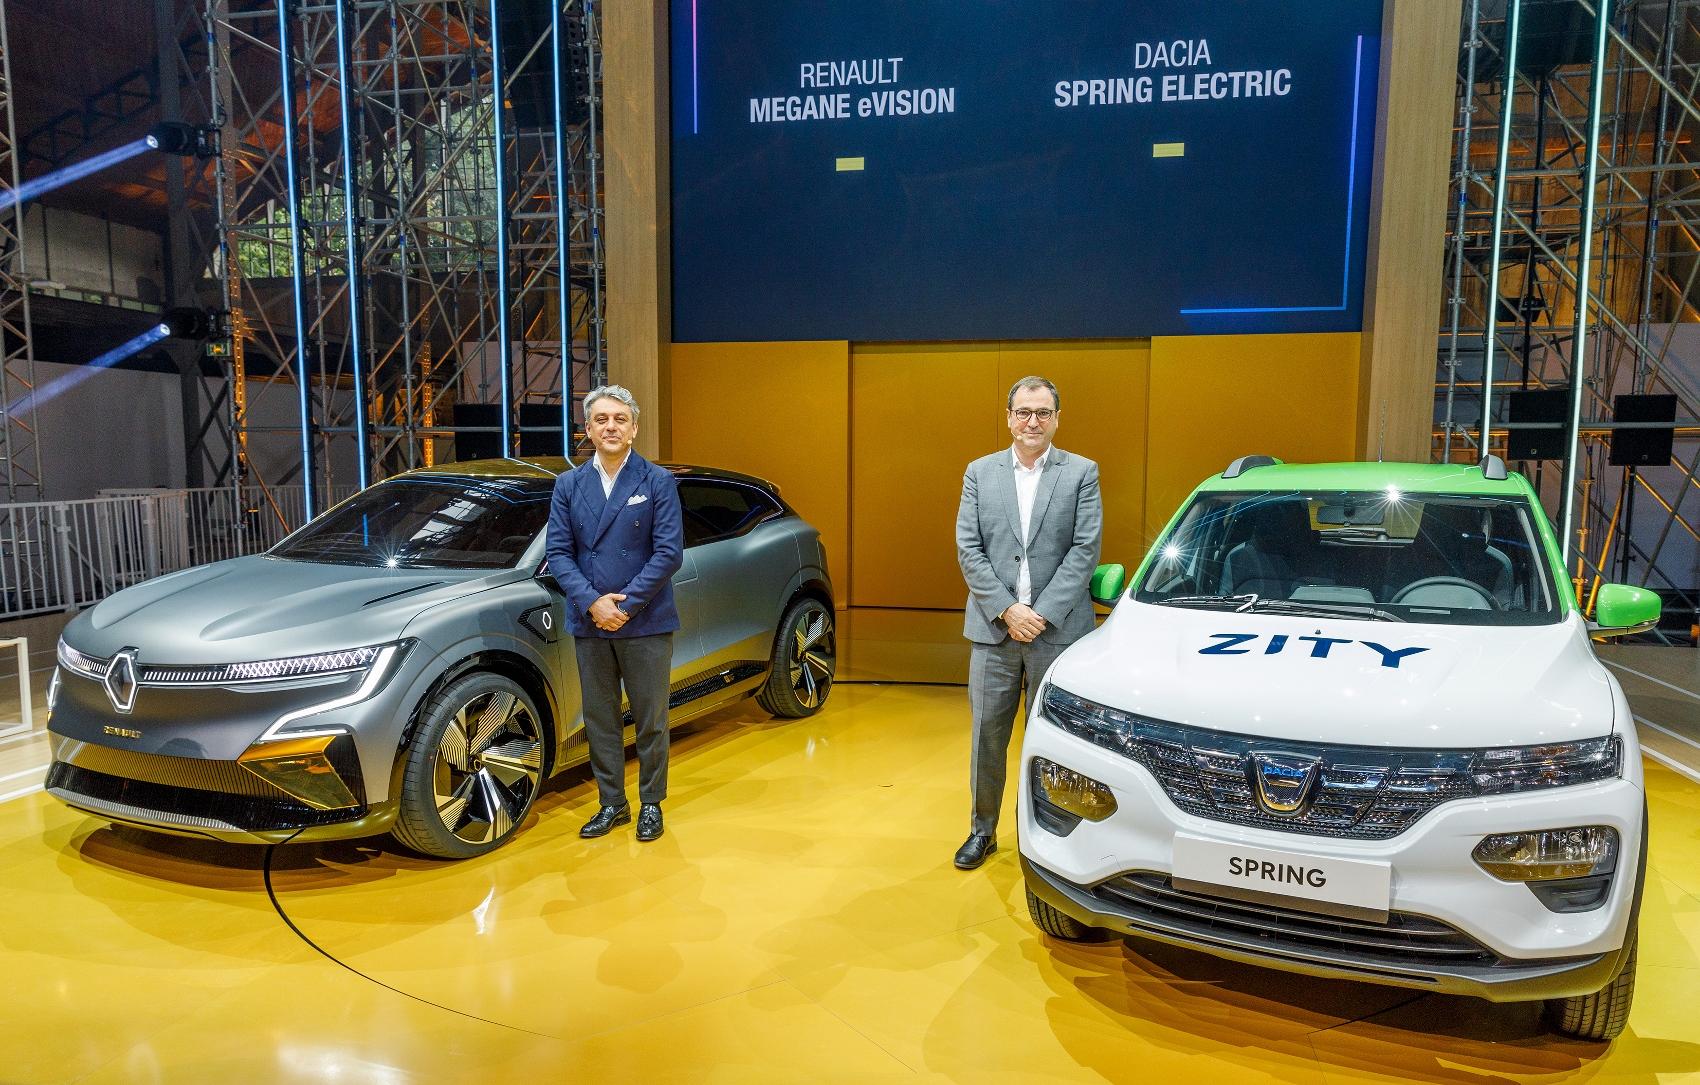 Nová elektrická Dacia Spring bude superlacná 8Jj1Bq7l3O 2020-renault-eways-press-conference-6-1700x1